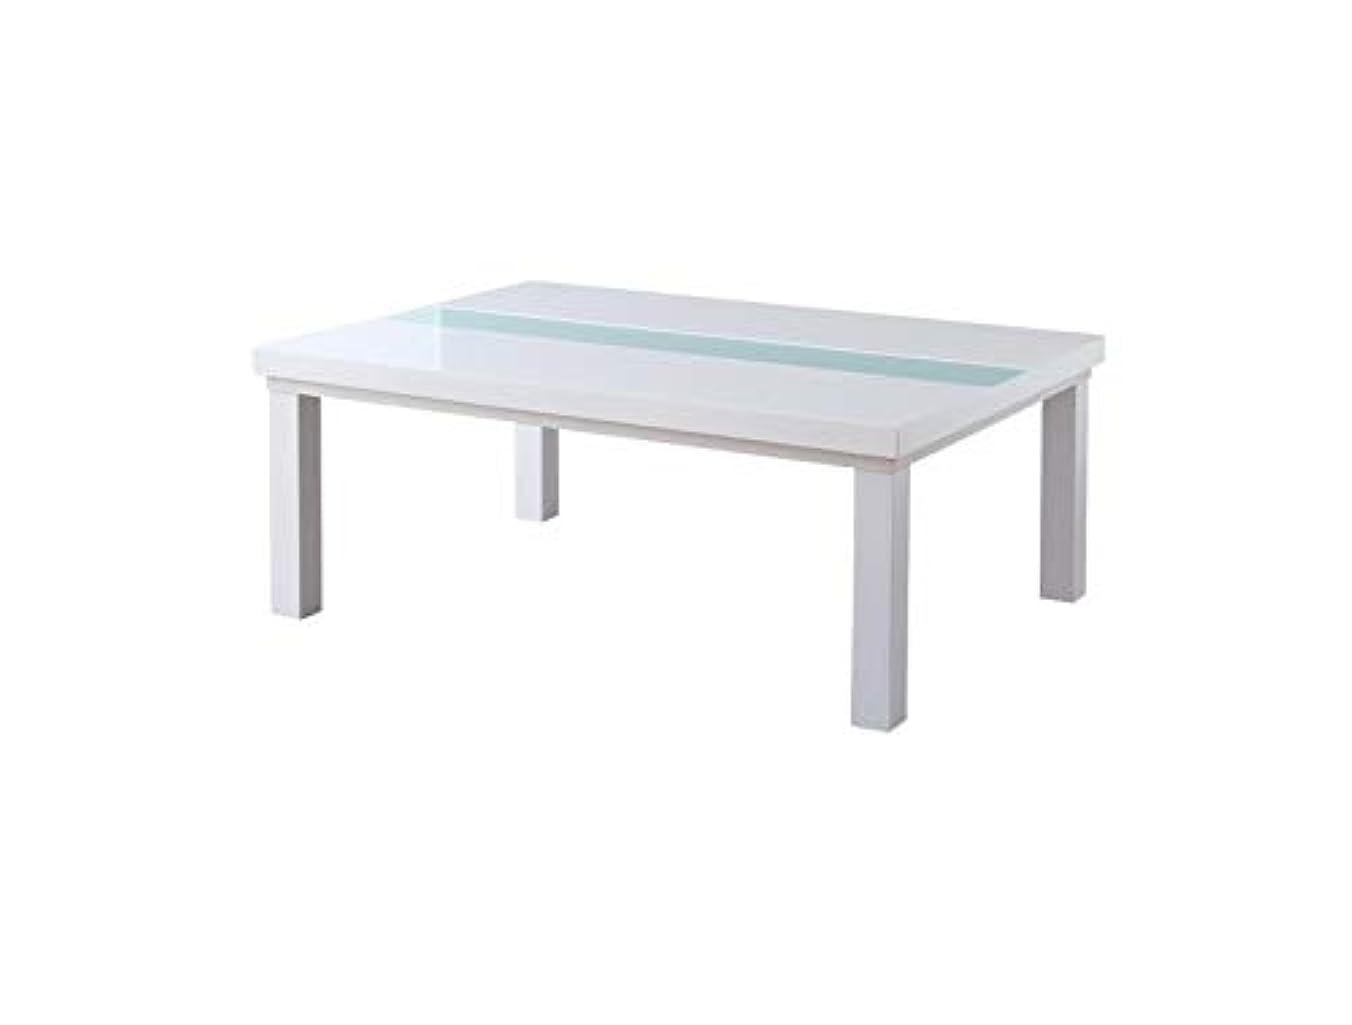 同封するサイレント受動的モノトーンに輝く? 鏡面 こたつテーブル 正方形 75×75 本体 単品 (ダブルホワイト) / 白 おしゃれ モダン